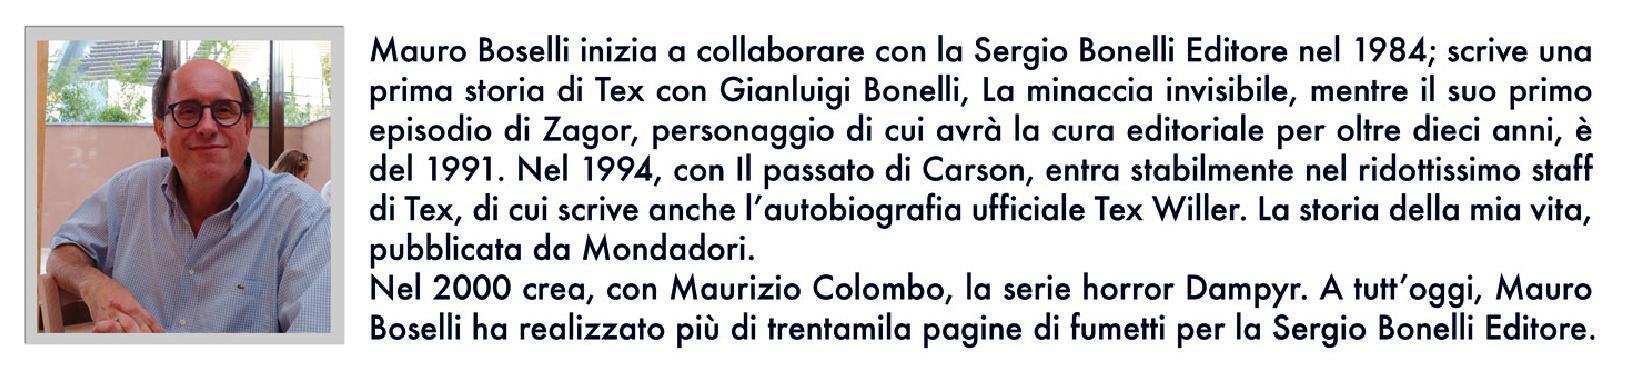 Mauro Boselli fumettista e sceneggiatore della Sergio Bonelli editore